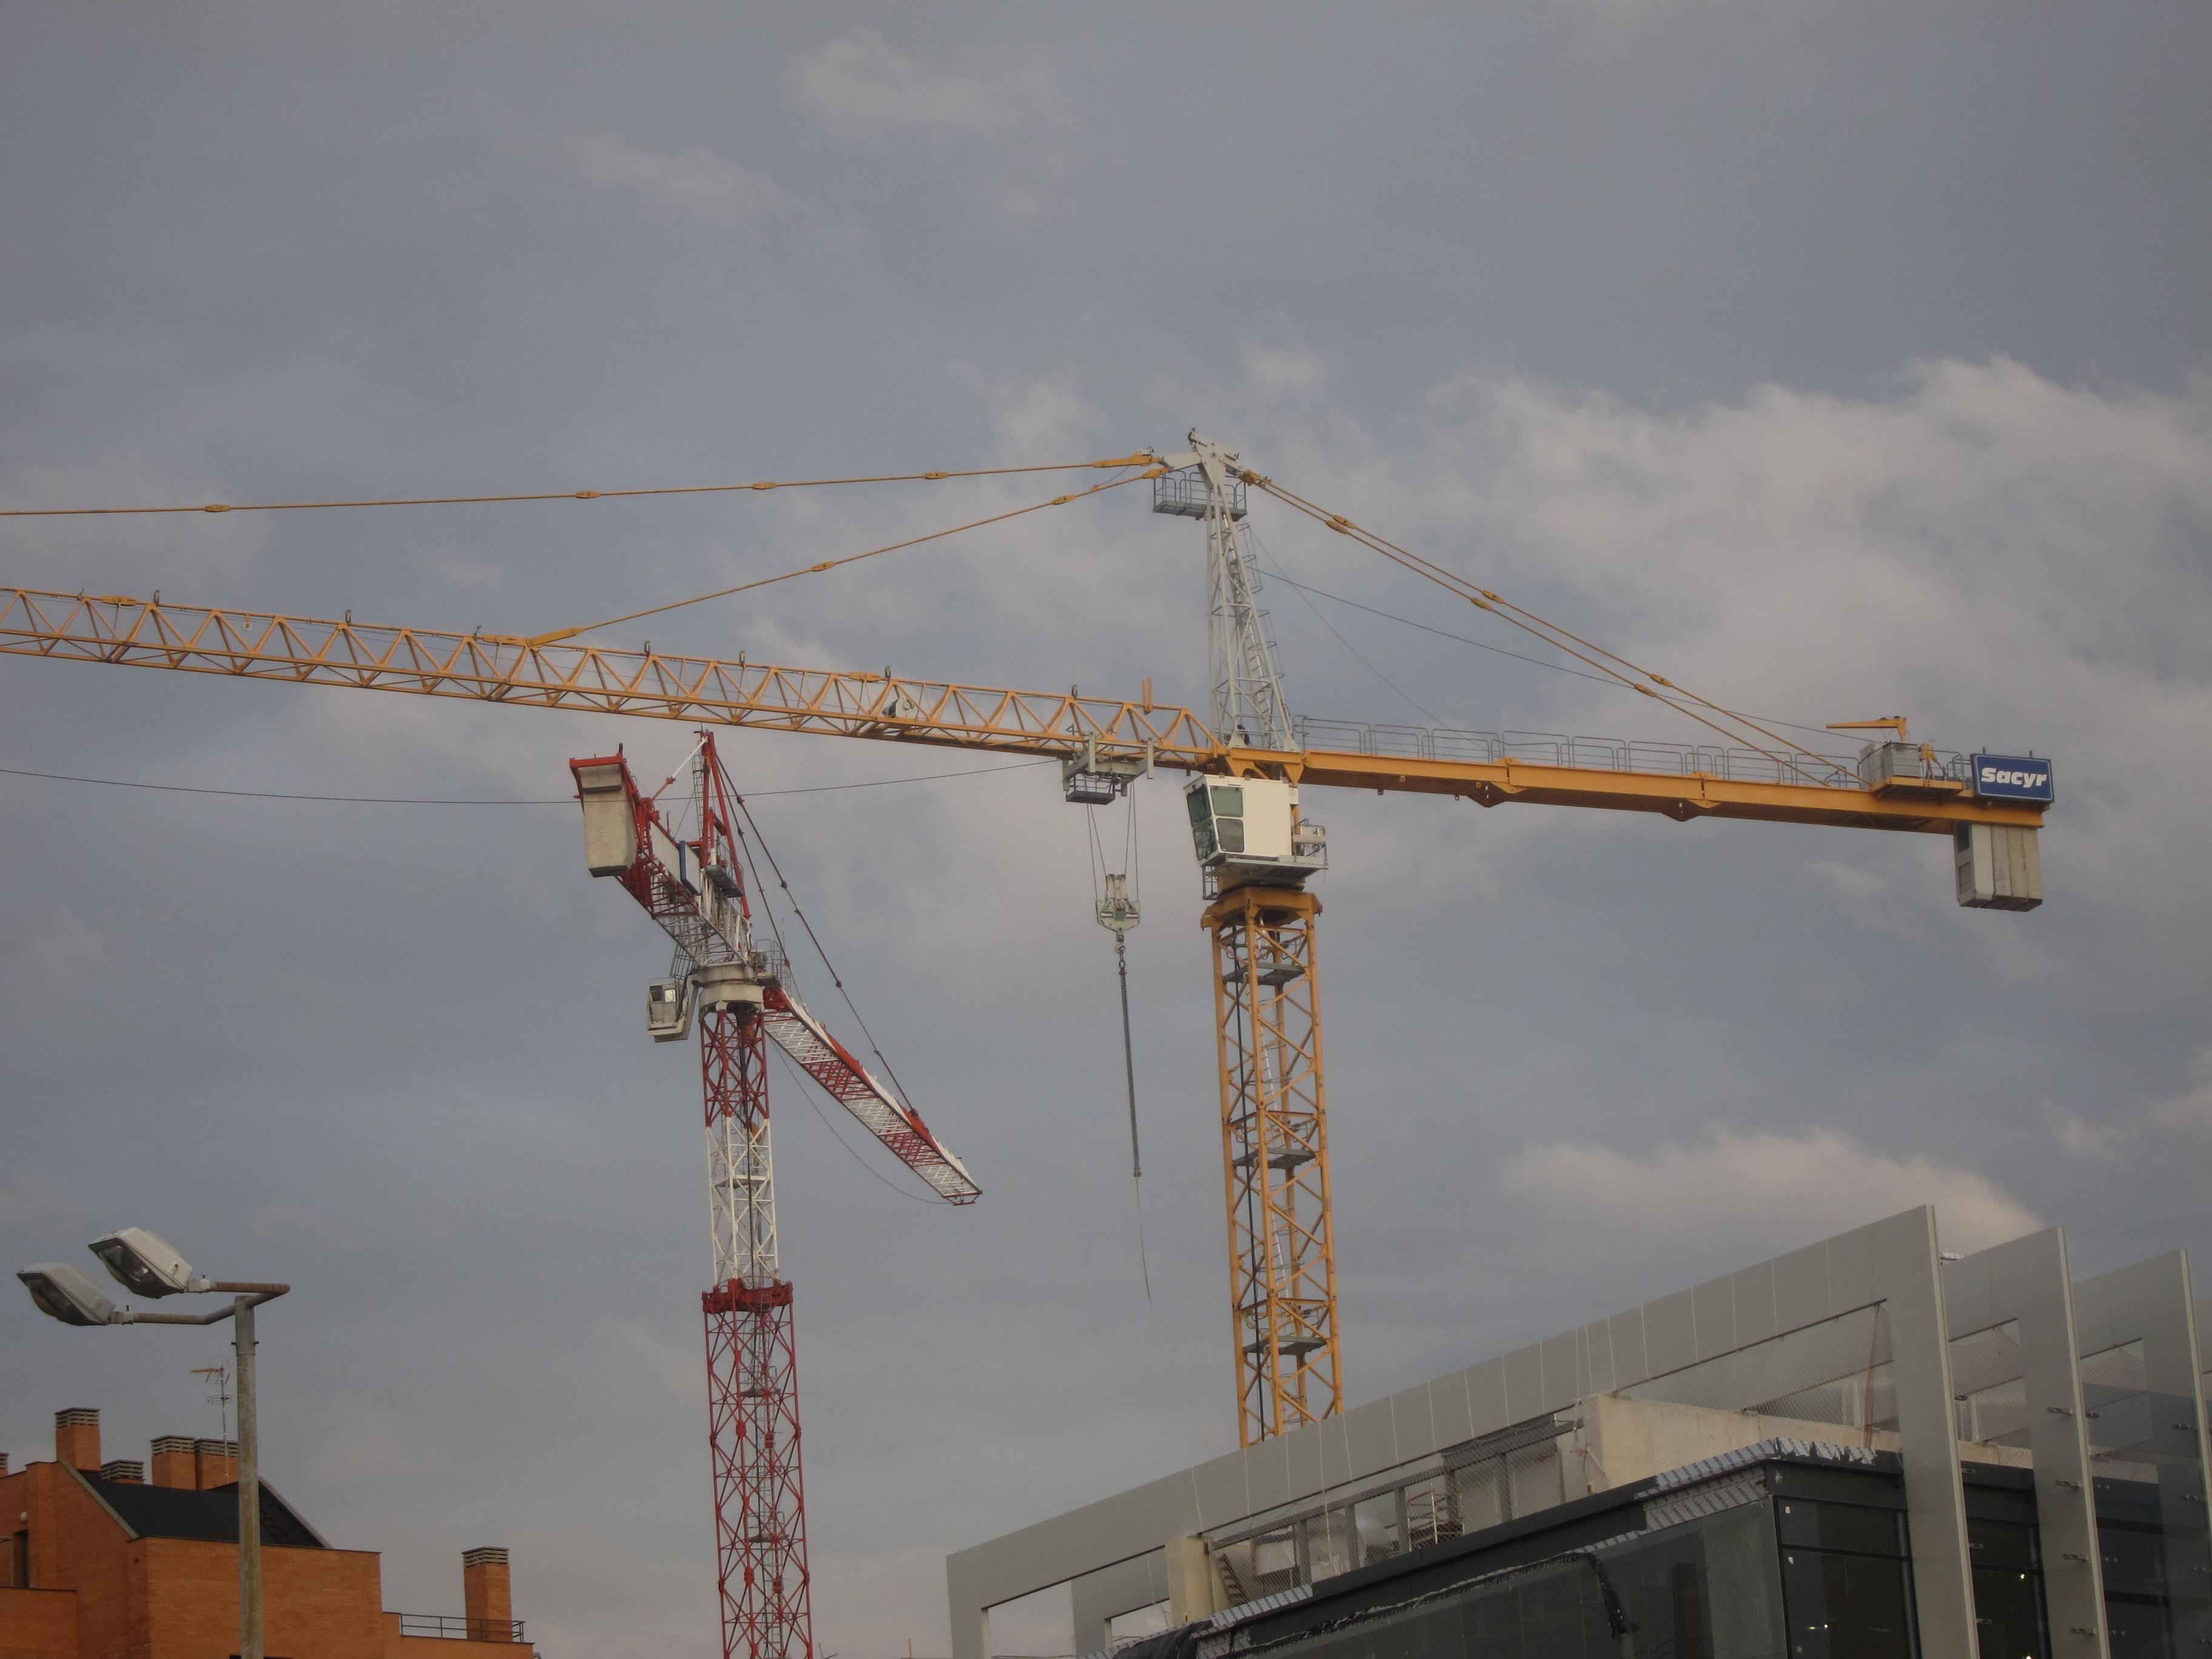 La licitación de obra pública cerrará 2011 en 16.000 millones, el menor importe de los últimos 15 años